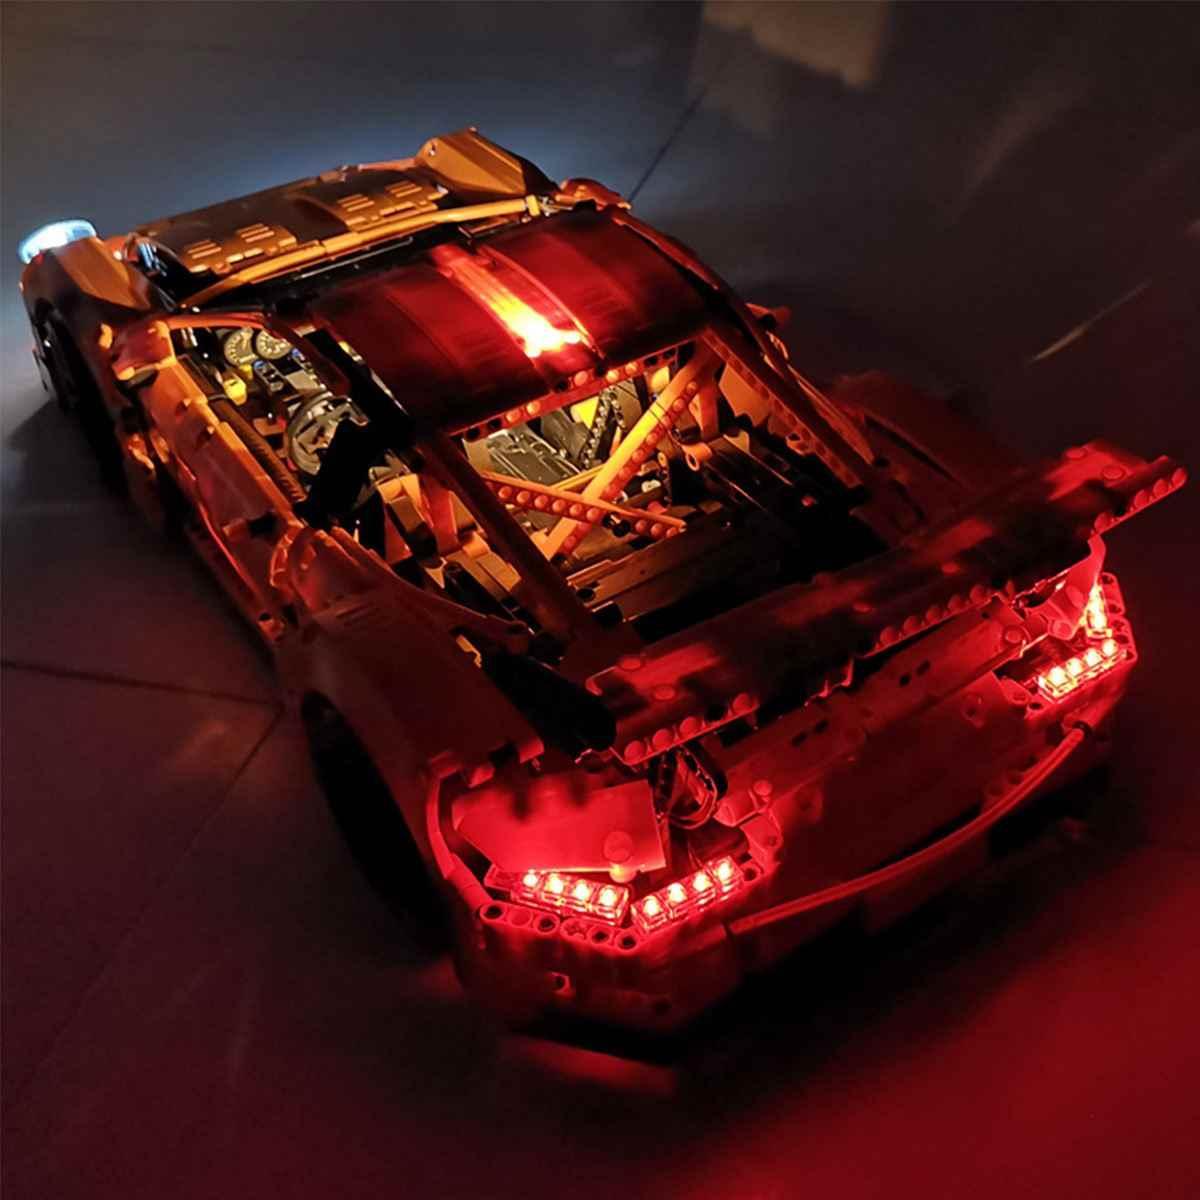 LED zestaw oświetlenia tylko dla Lego dla 42056 dla Porsche 911 GT3 RS zabawki cegły Port USB DIY zestaw oświetlenia LED (Model nie jest wliczony w cenę)